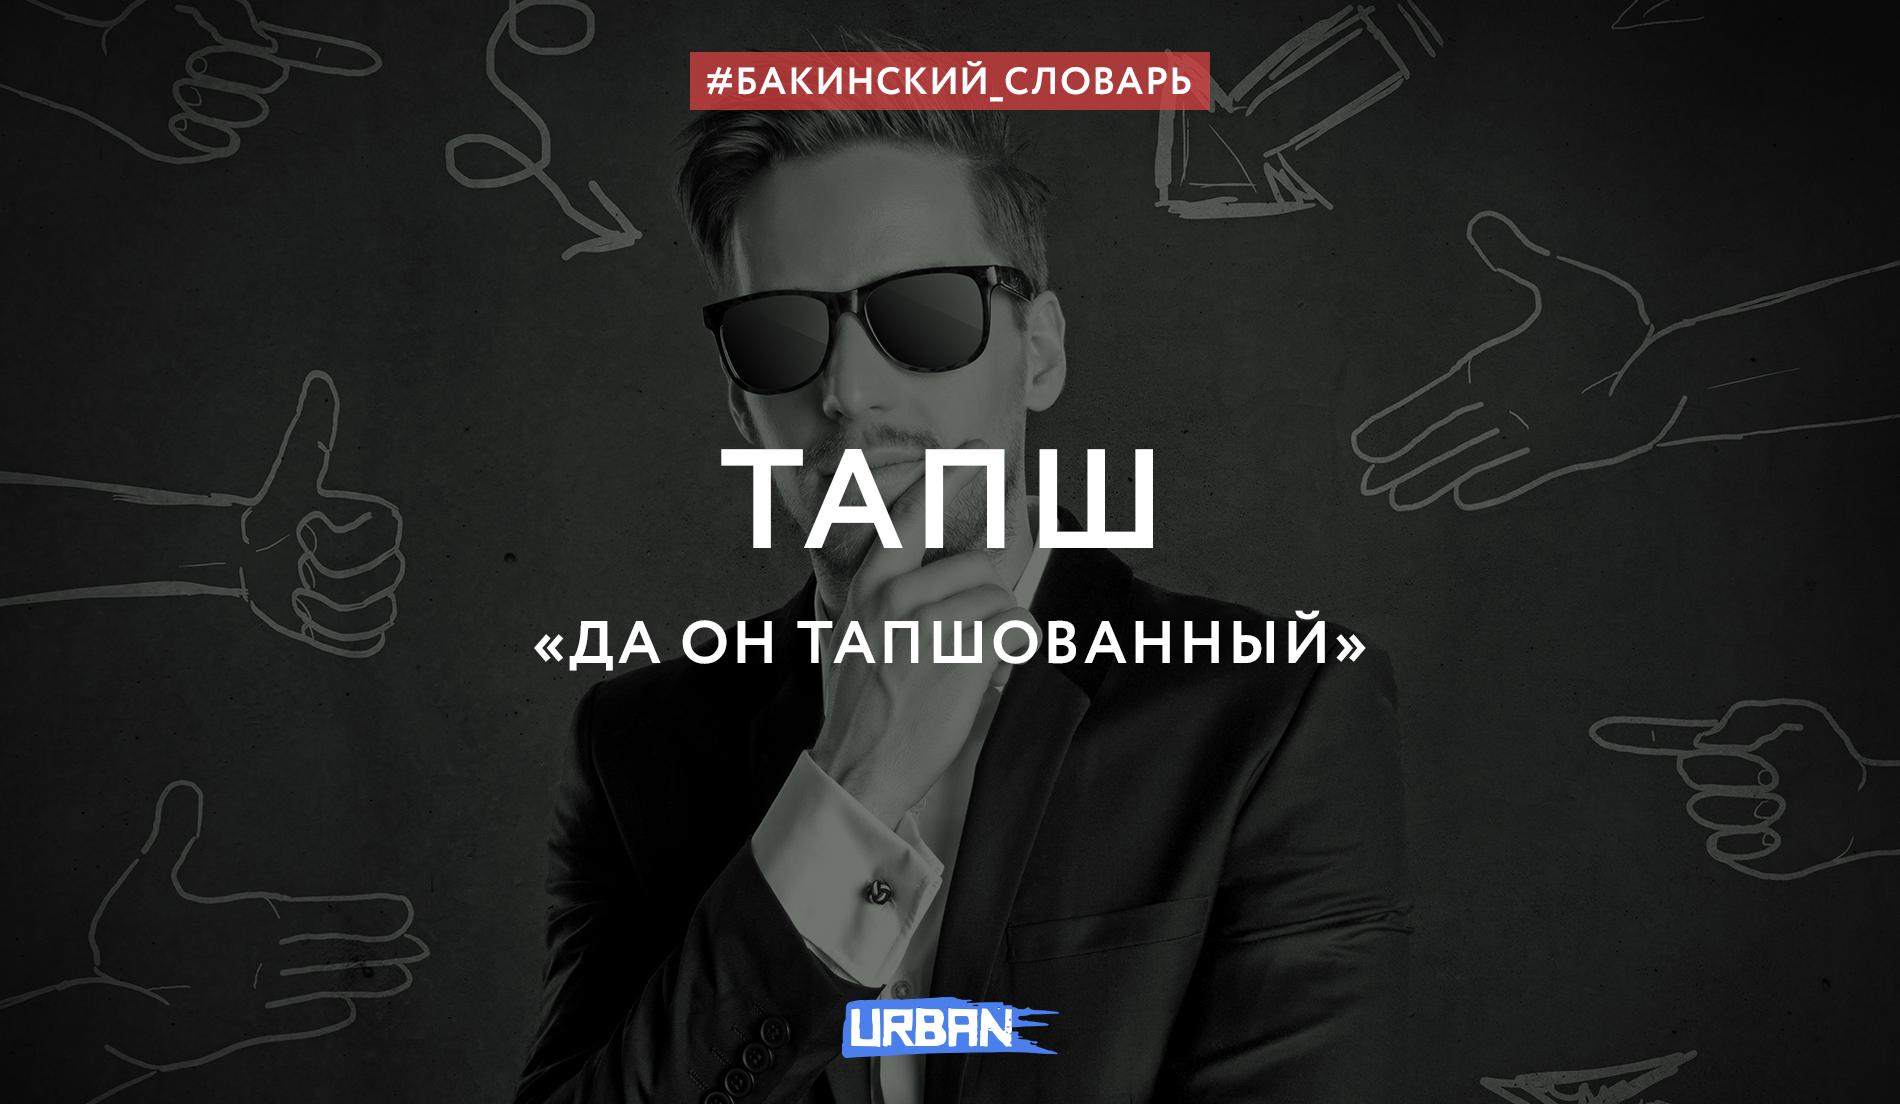 Сайт тапша смотреть 16 фотография